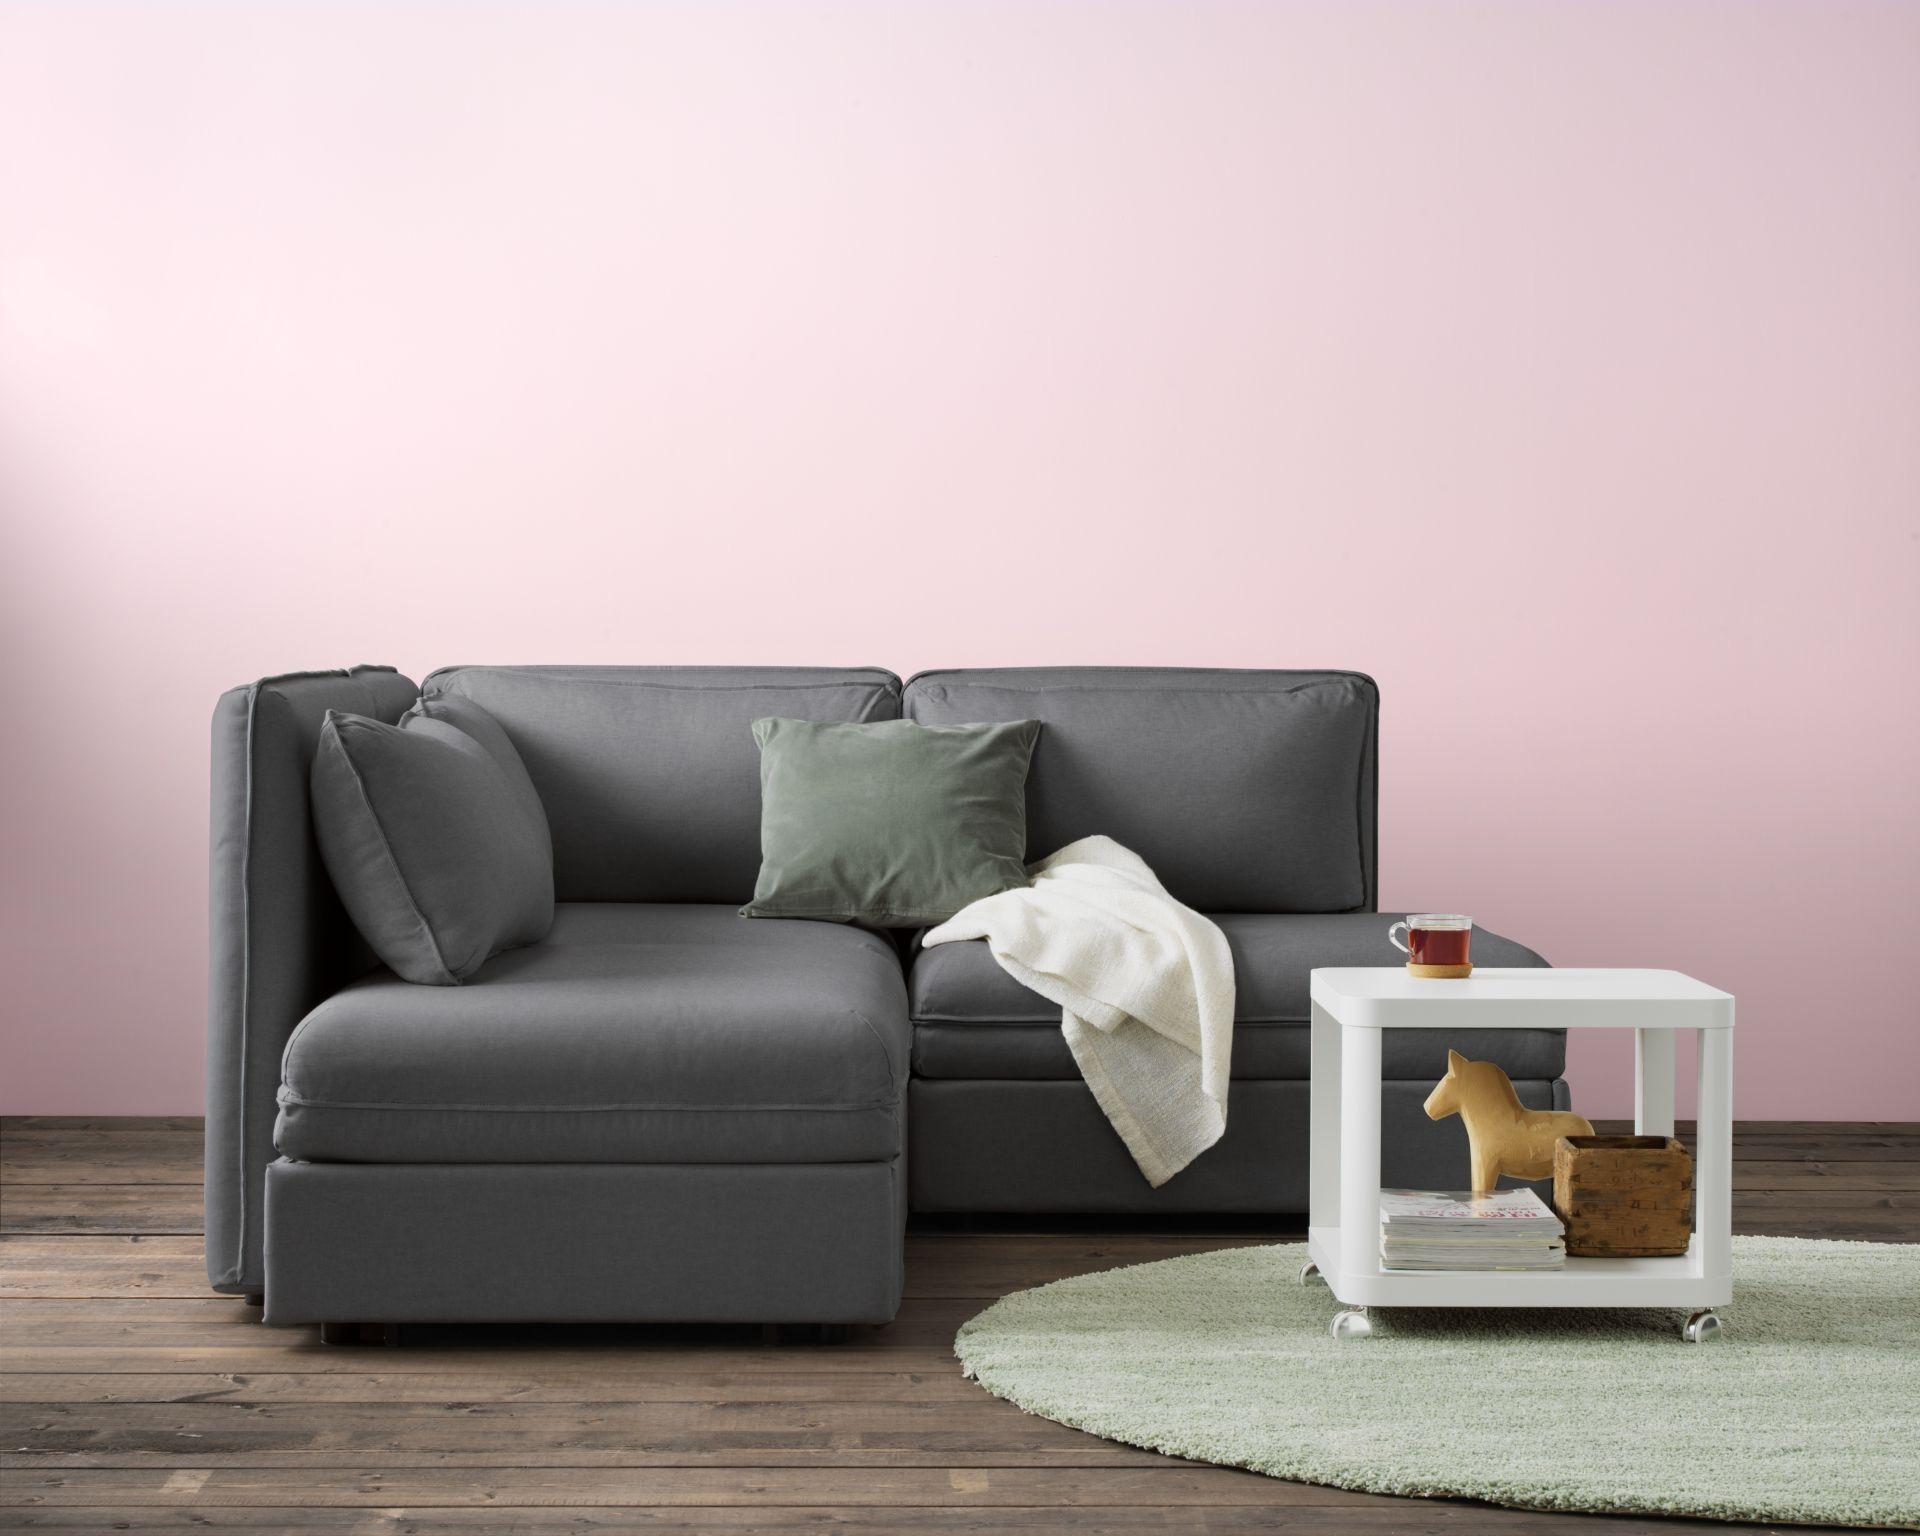 Ikea Woonkamer Hoekbanken : Vallentuna 3 zits hoekbank met bed orrsta lichtgrijs in 2018 home